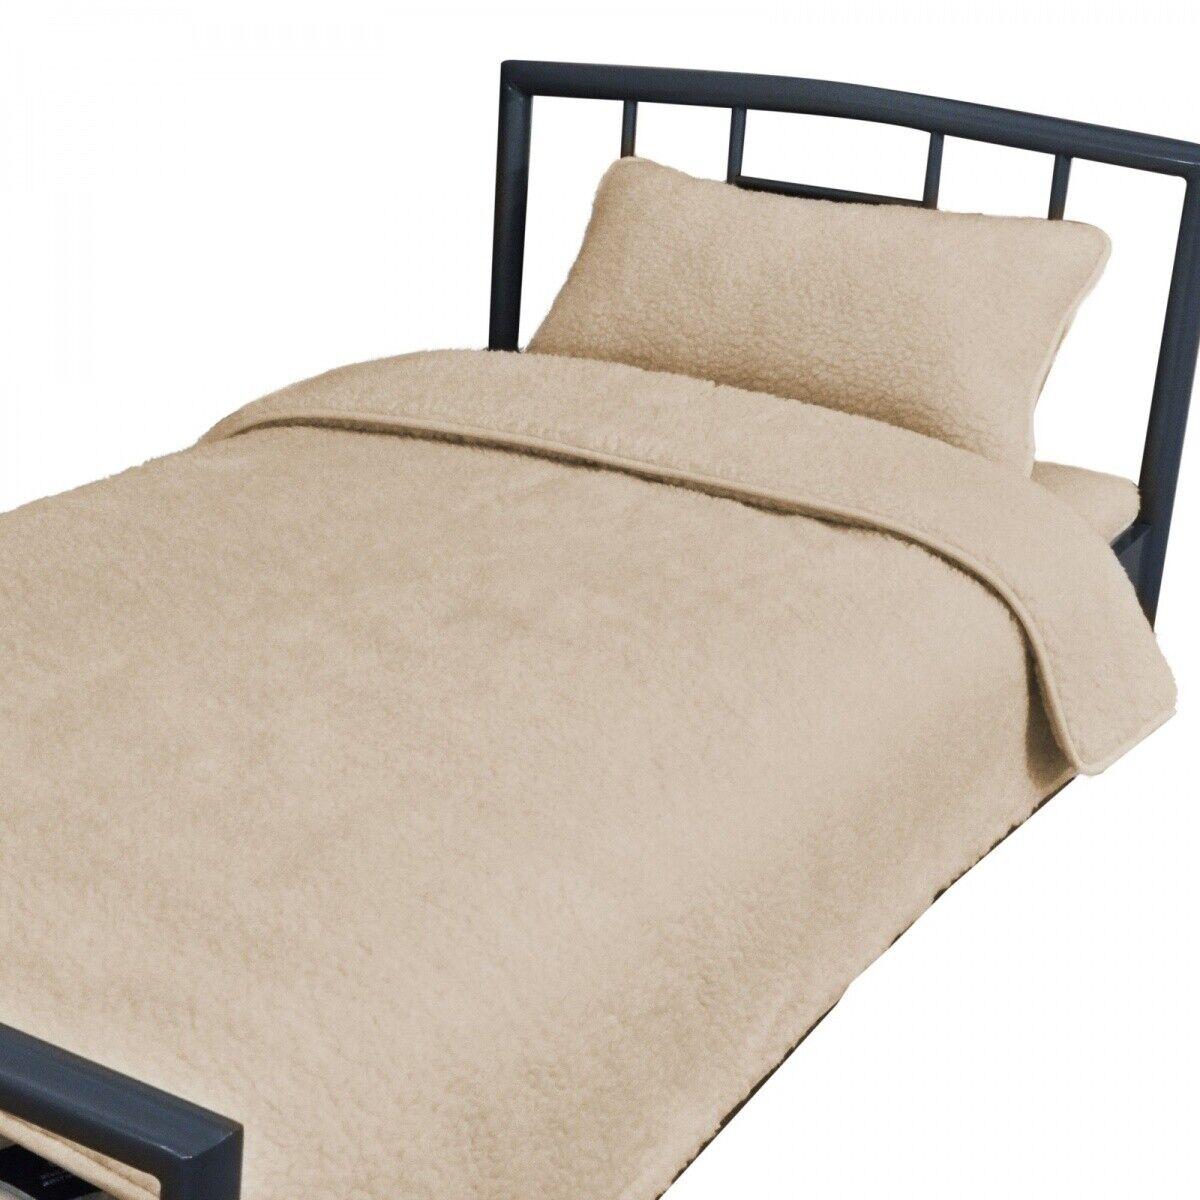 Bettdecke Australische Merinowolle 140x200 ökologisch 2-Schichten Wolle